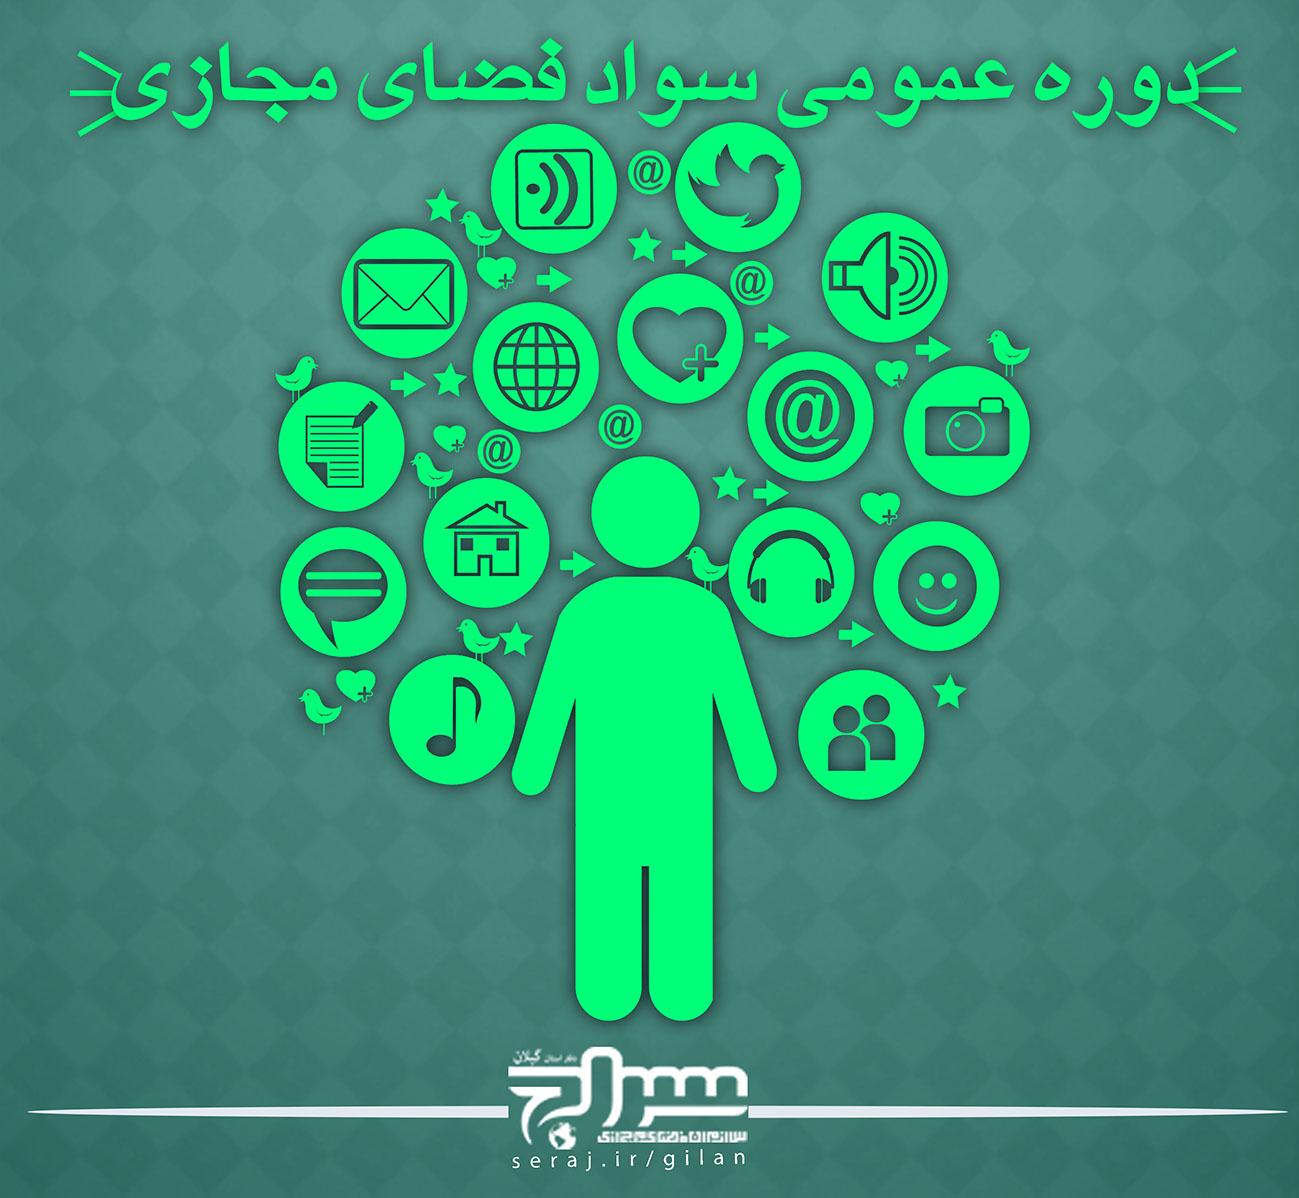 دوره عمومی سواد فضای مجازی، ویژه فعالان فرهنگی استان گیلان برگزار می شود